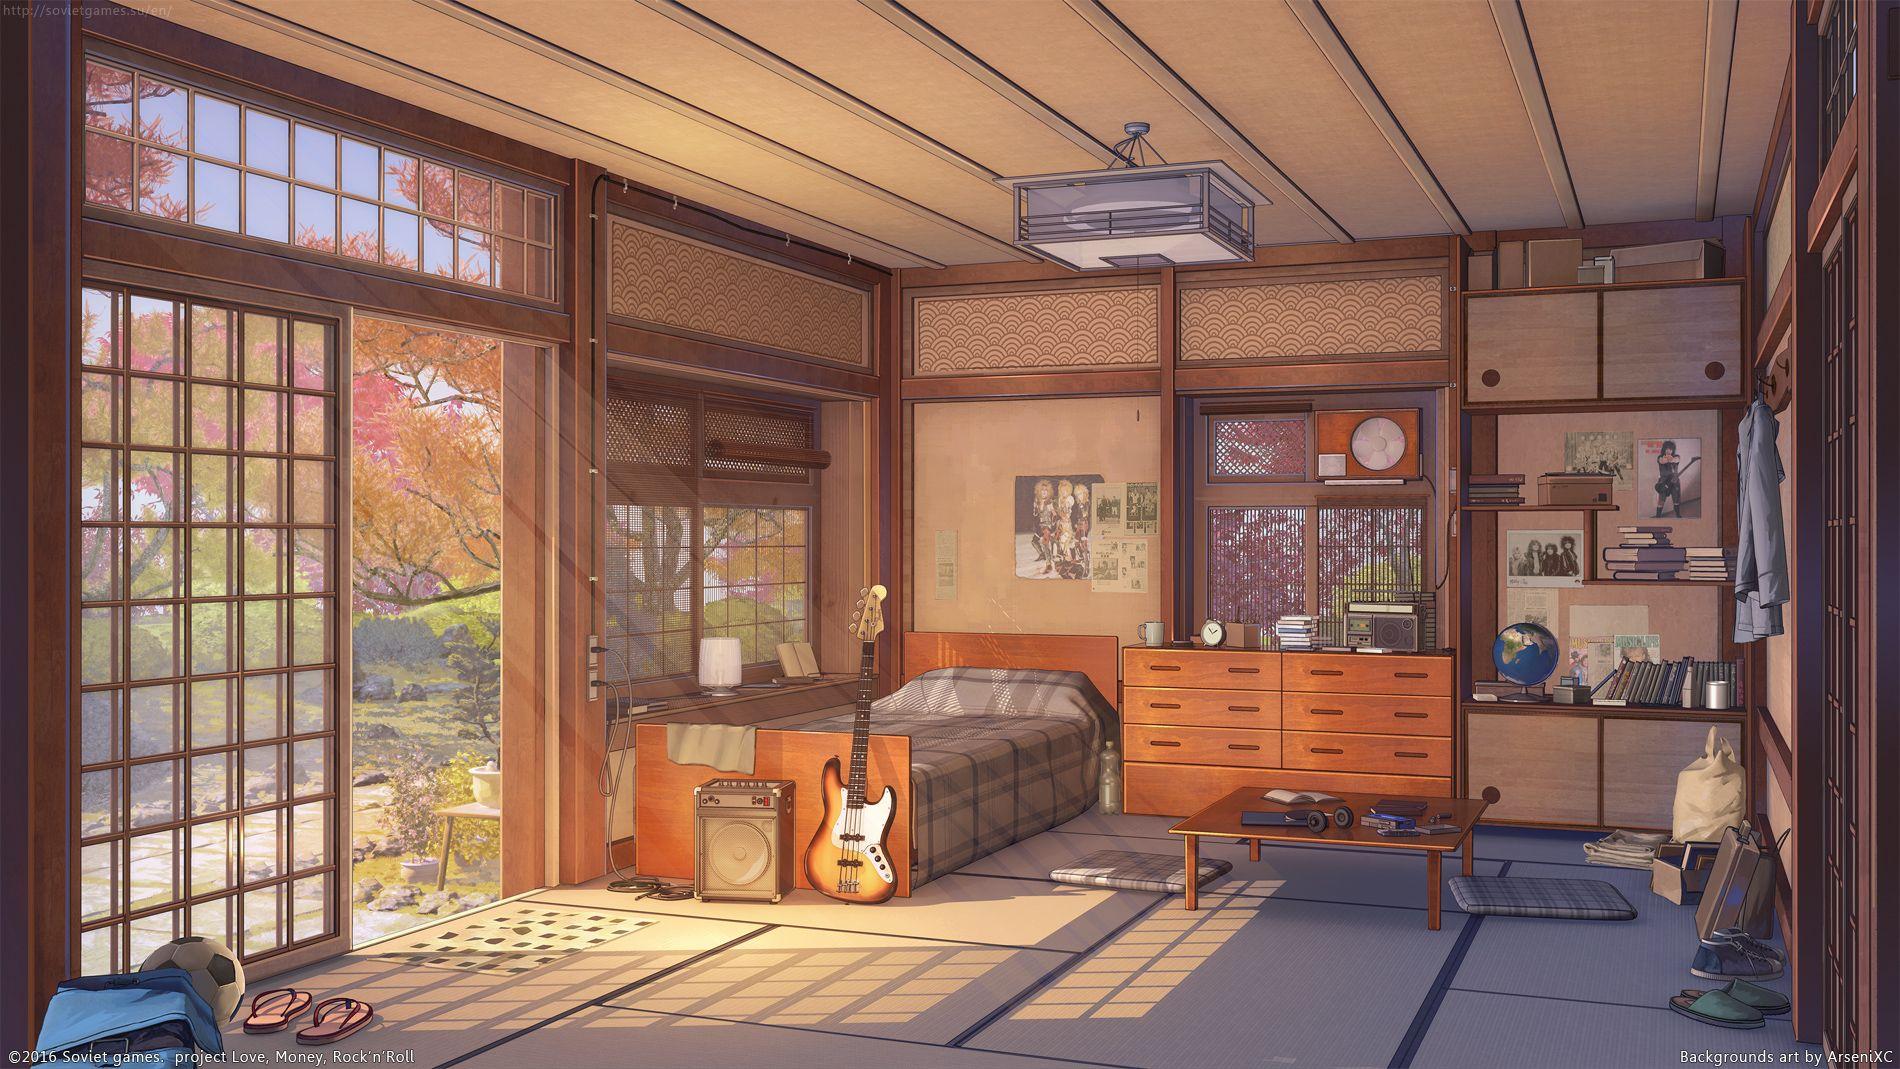 Pin By Tioafonso On Visual Development Art Anime Scenery Anime Scenery Wallpaper Scenery Wallpaper